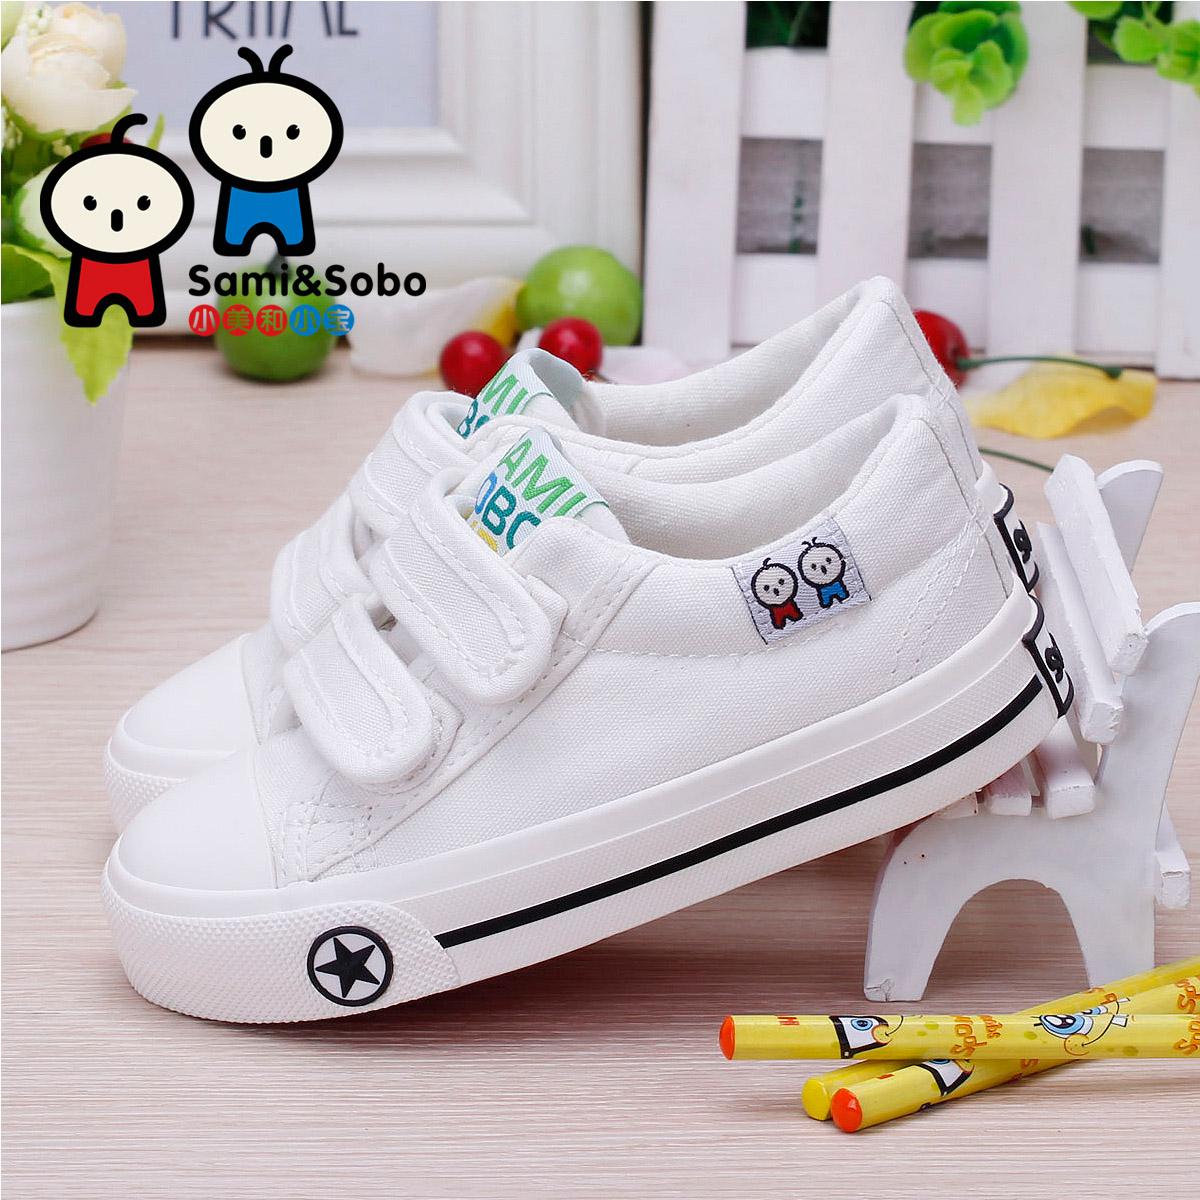 小美和小宝儿童白色帆布鞋男童女童鞋子宝宝休闲布鞋